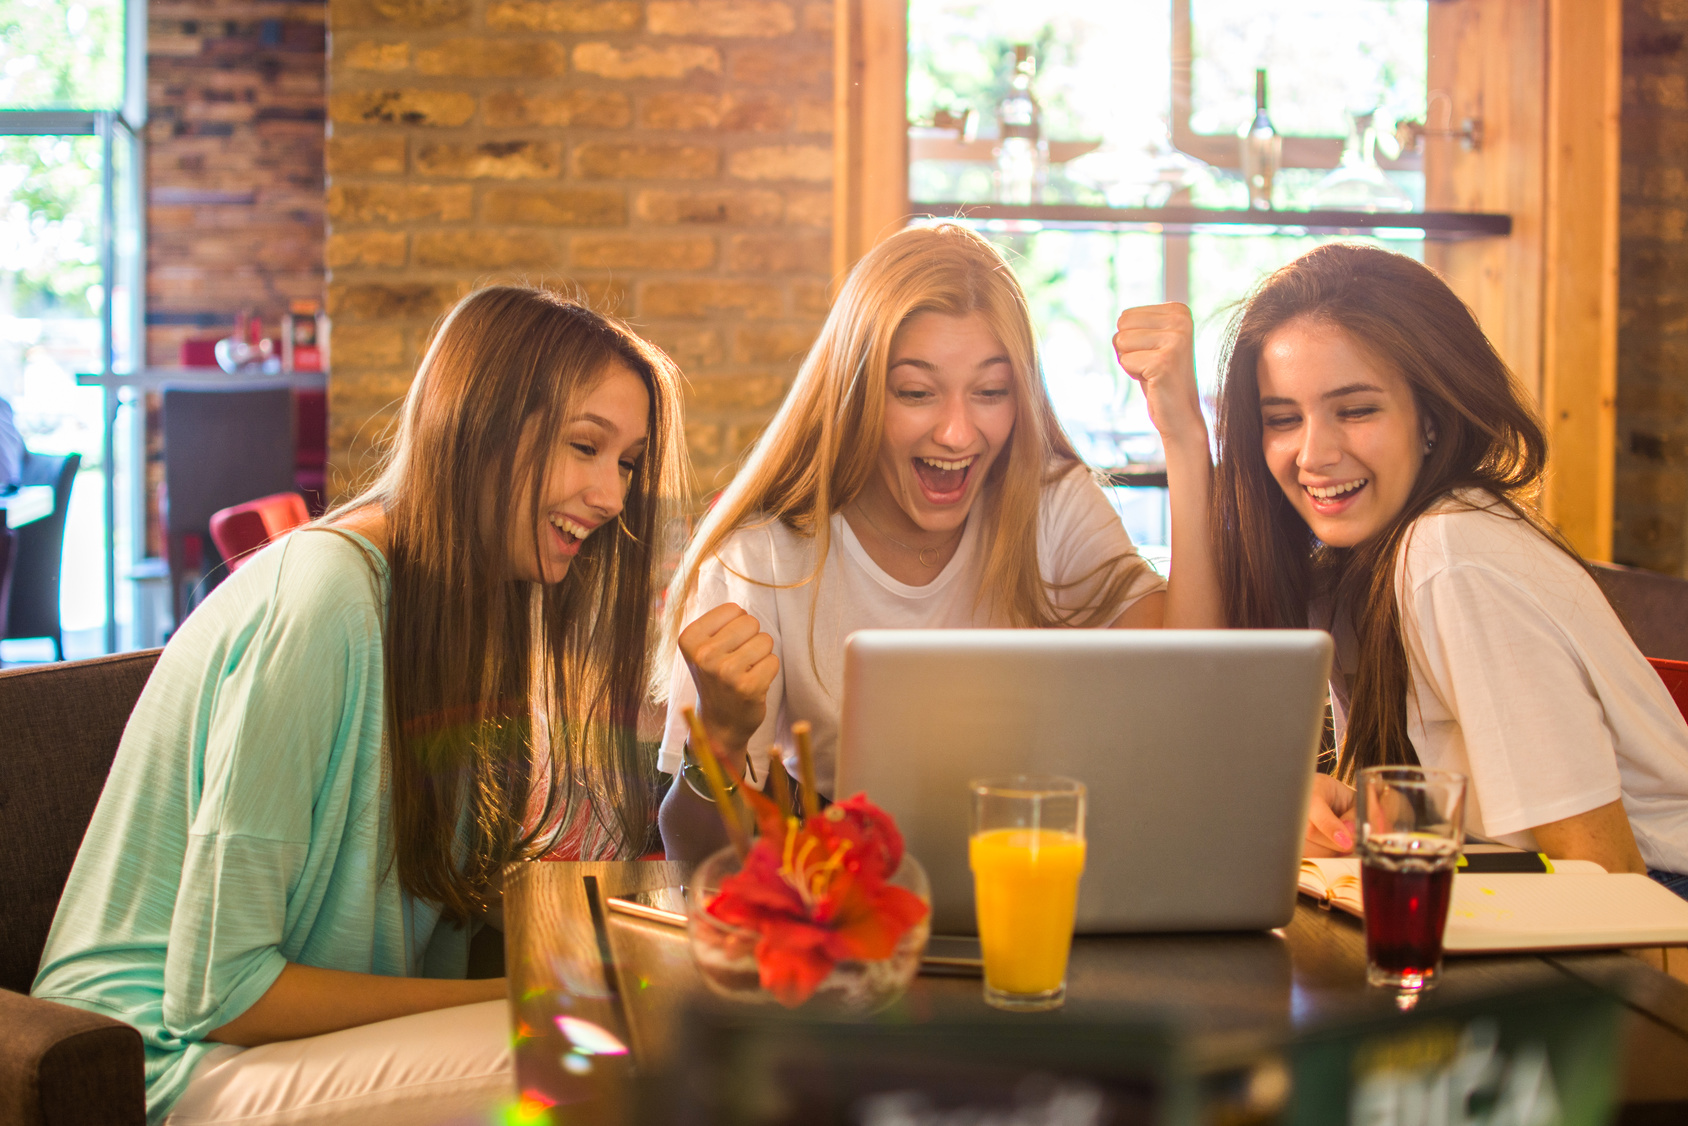 街コンレポート_3人の外国人女性がパソコンを見ながら盛り上がっています